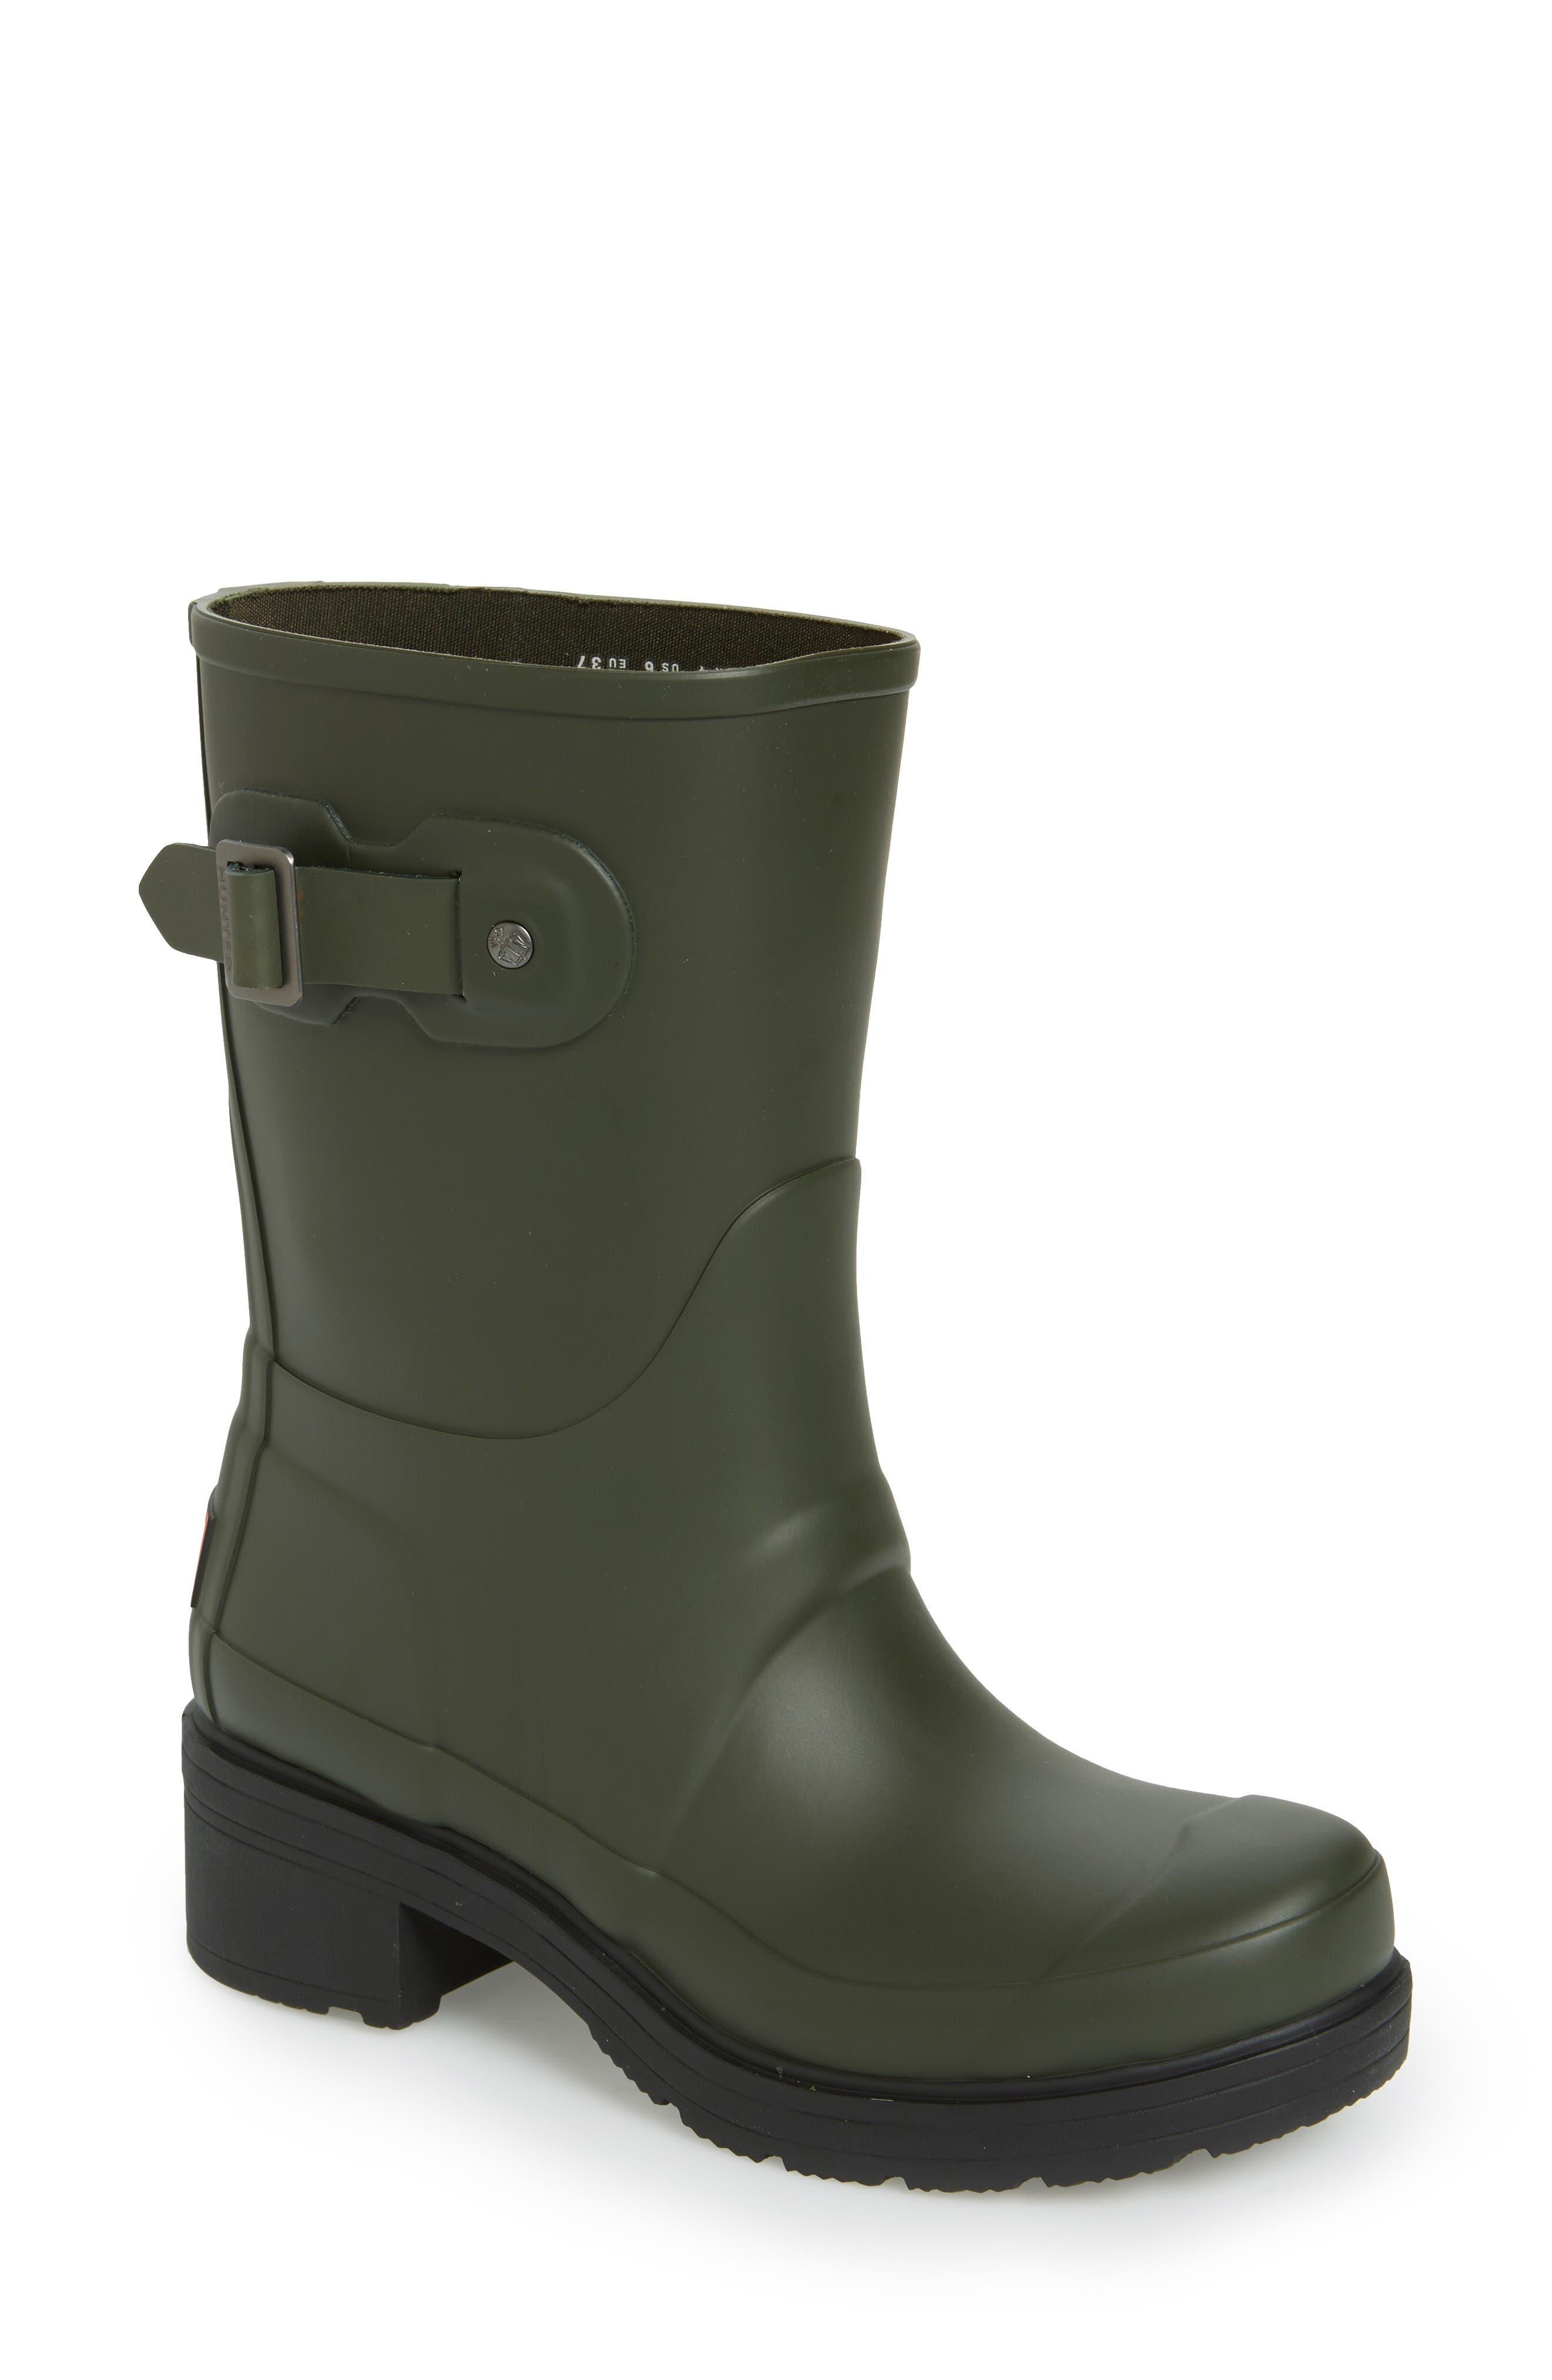 Alternate Image 1 Selected - Hunter 'Original' Waterproof Ankle Rain Boot (Women)